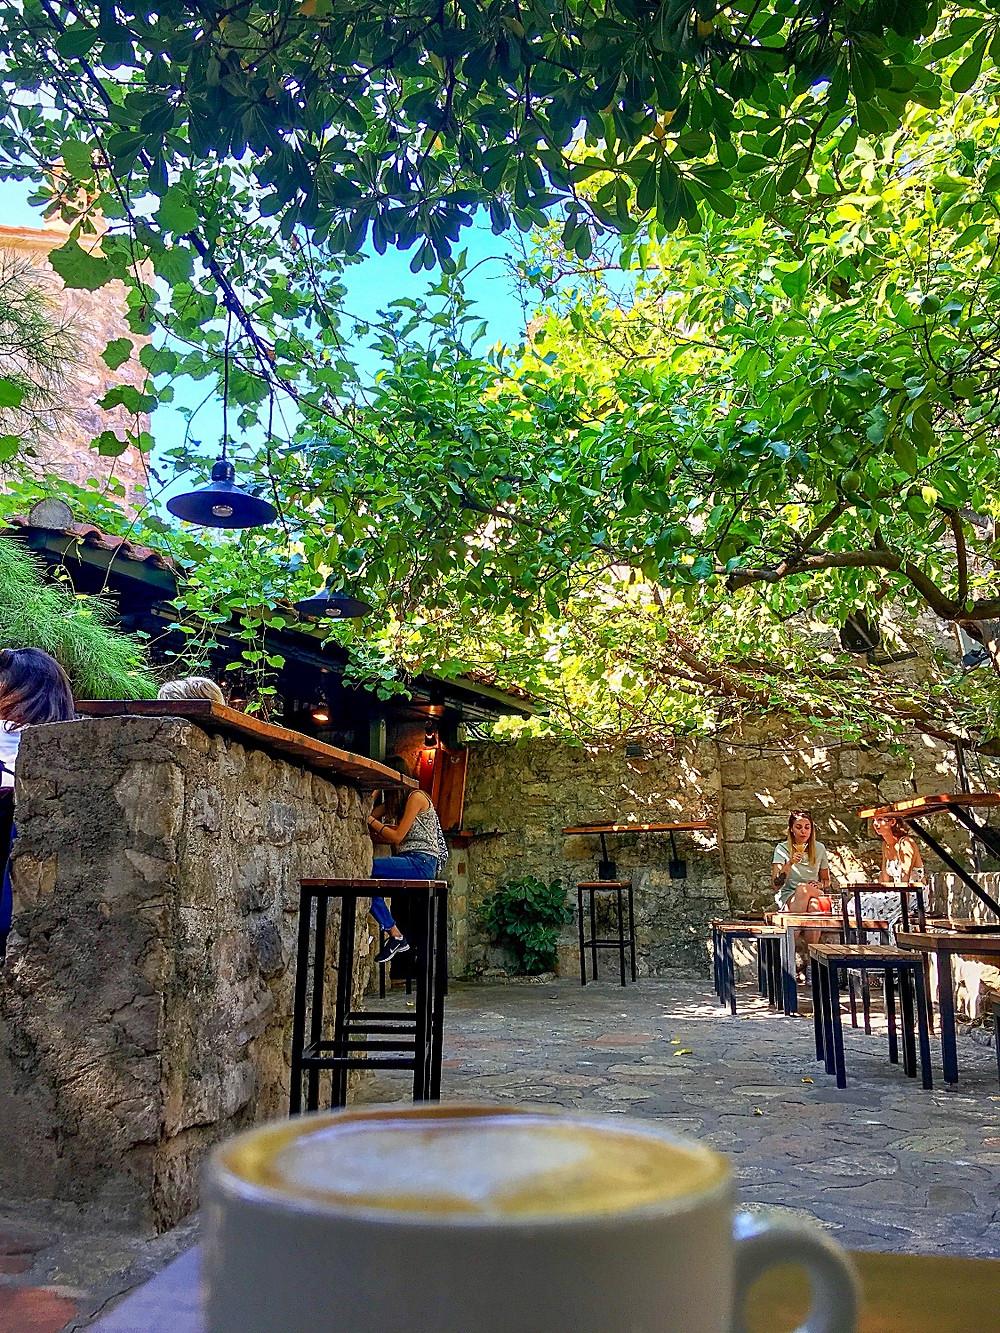 Coffee at Casper Bar in Budva